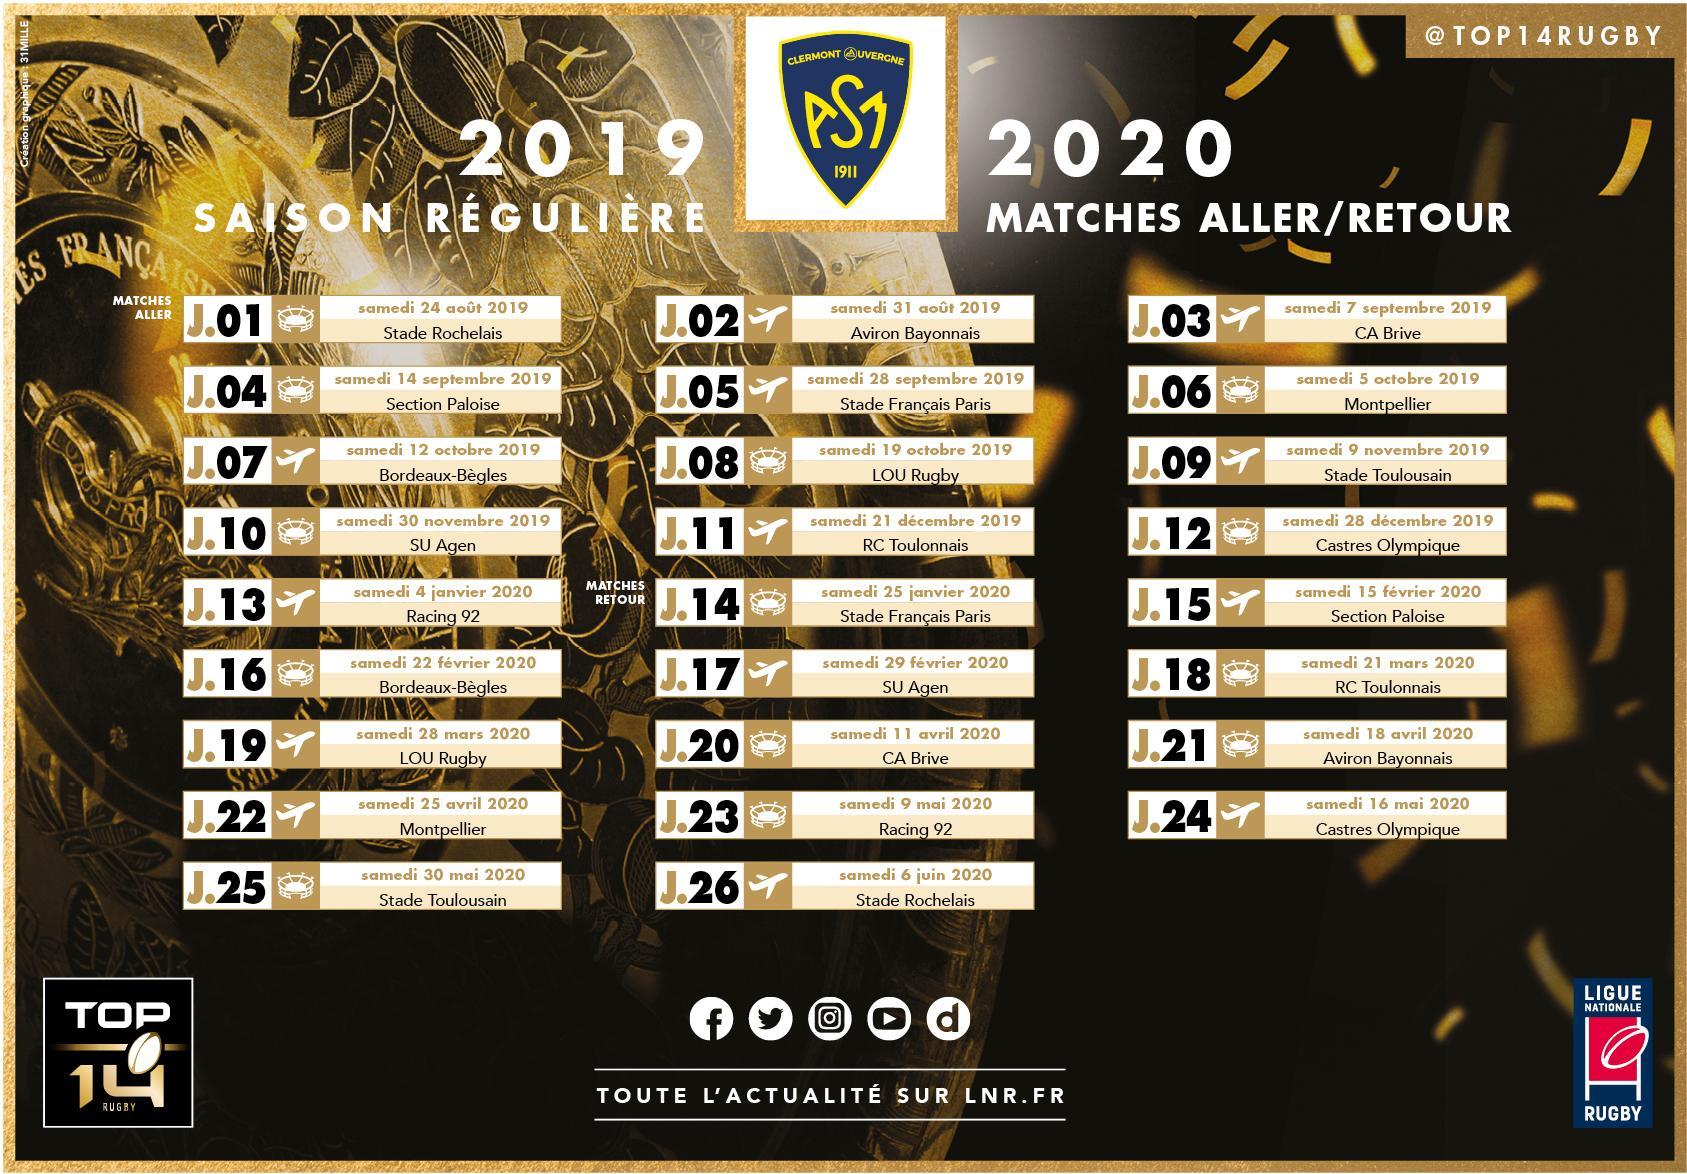 Calendrier Top 14 Rugby.Top 14 Le Calendrier De L Asm Devoile Pour La Saison